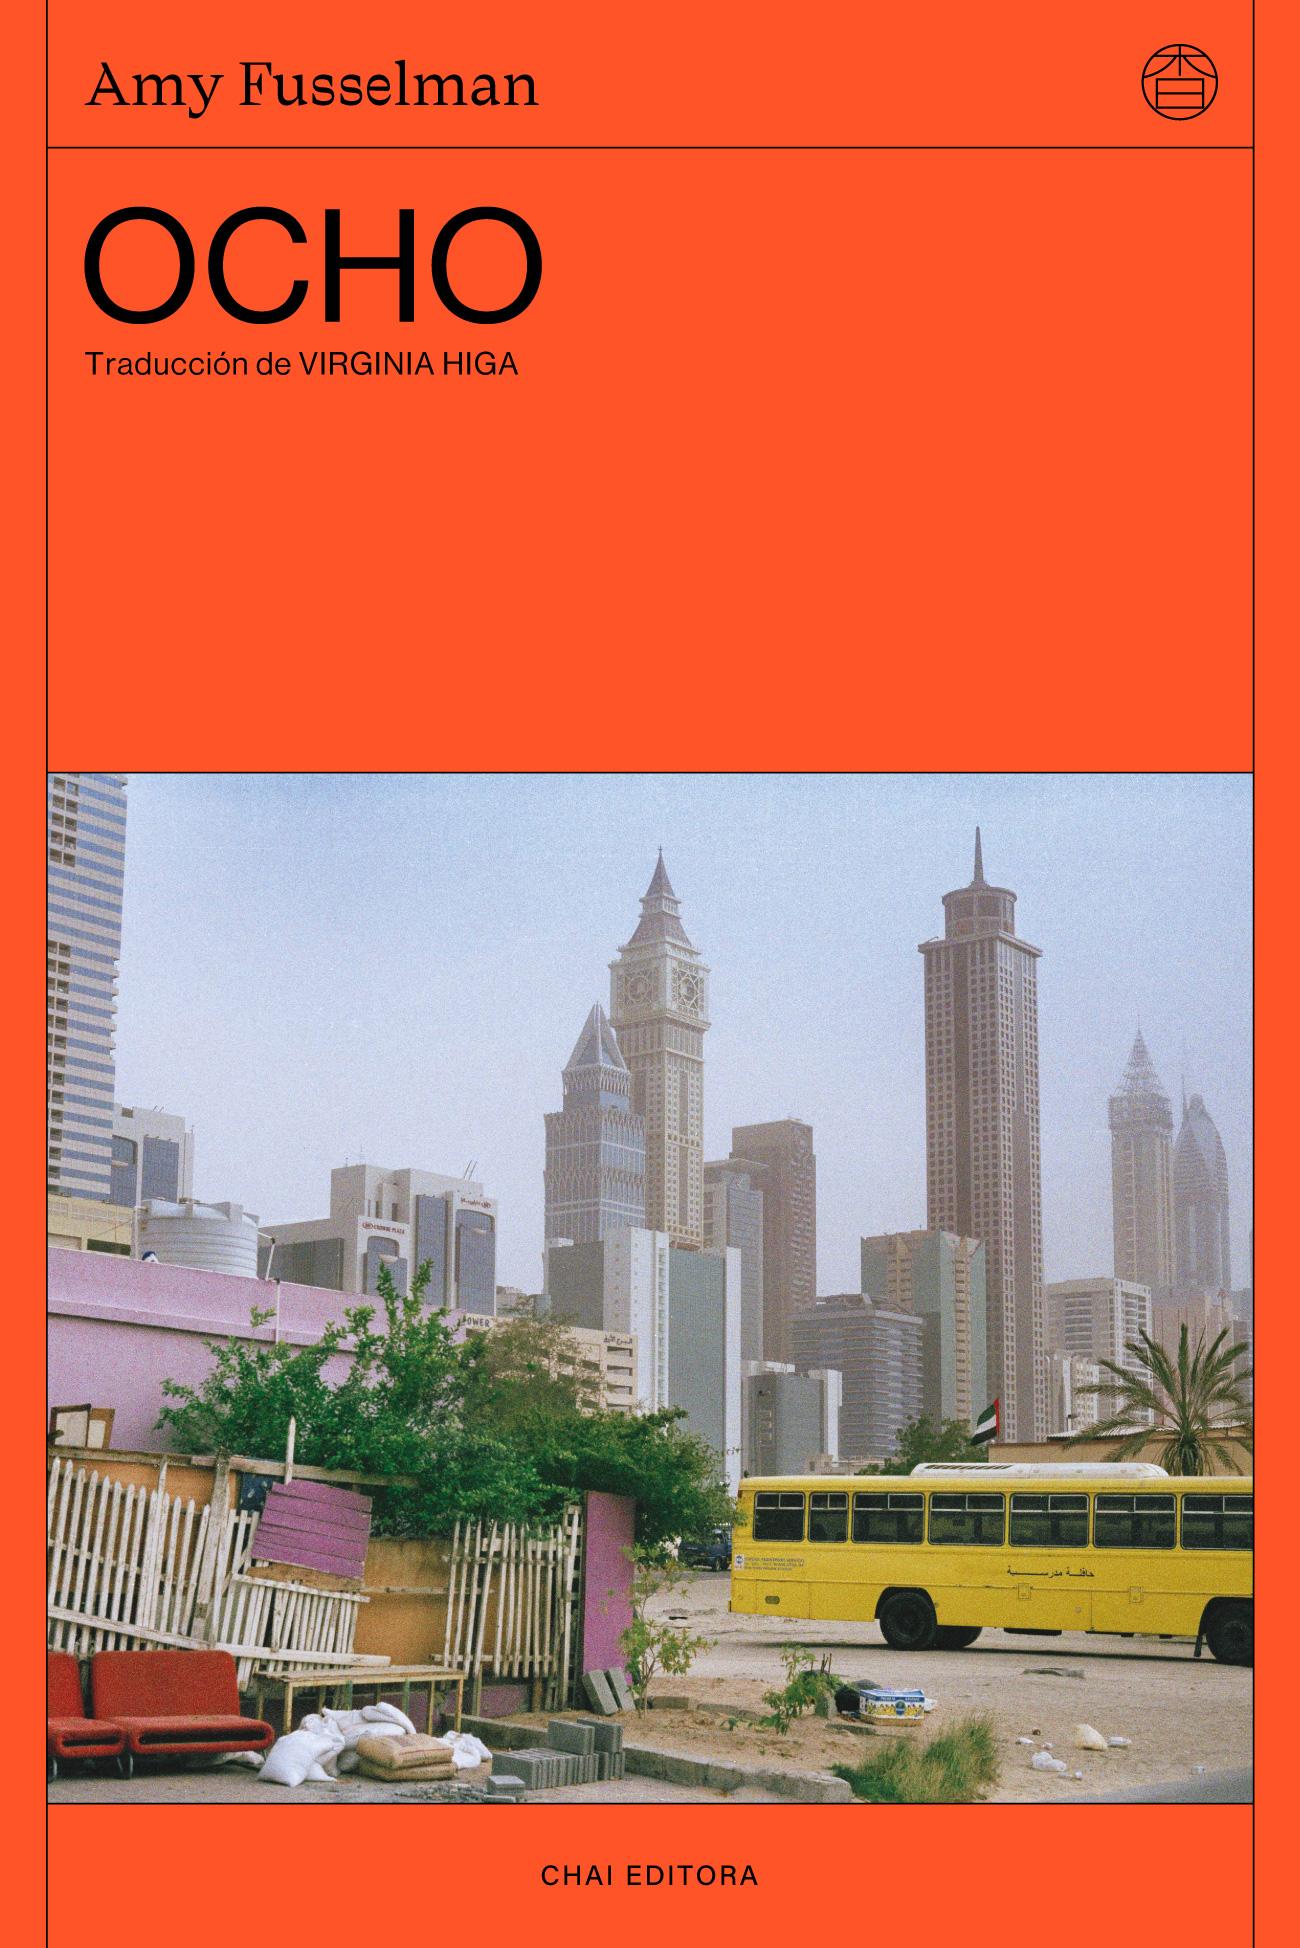 CHAI Editora Libros